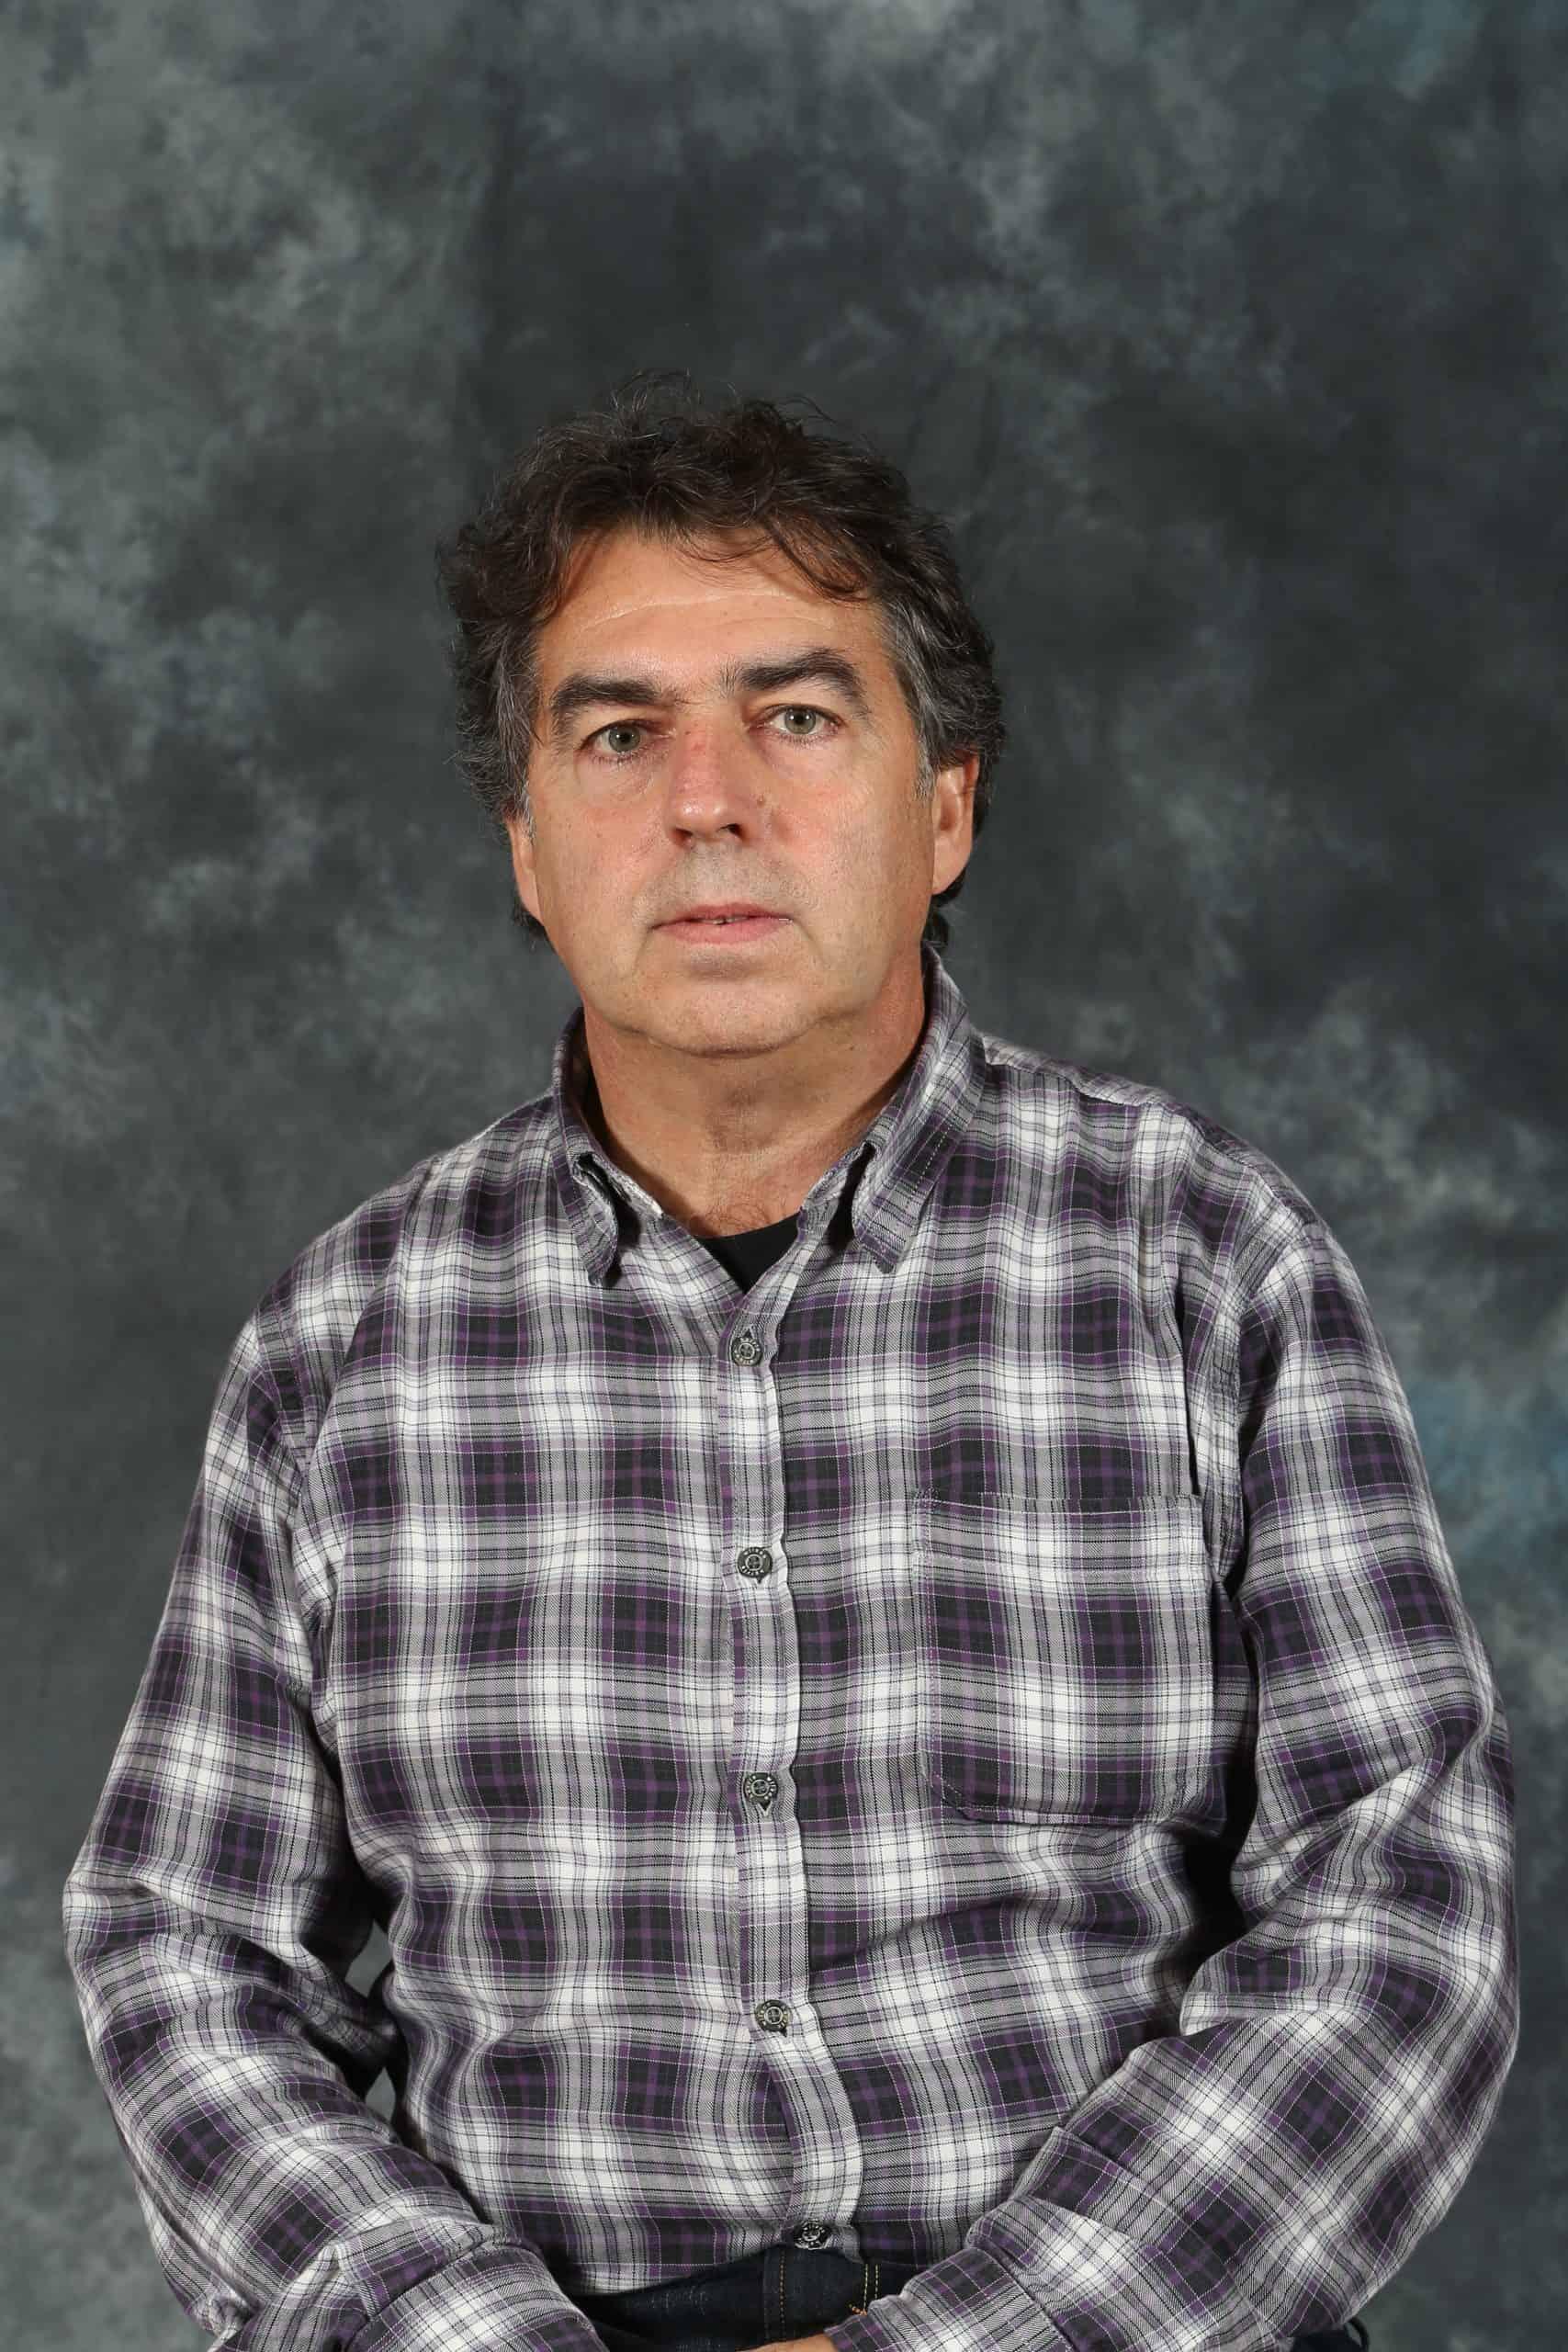 Luc Serrano-Conseiller du CESER des Pays de la Loire en 2016